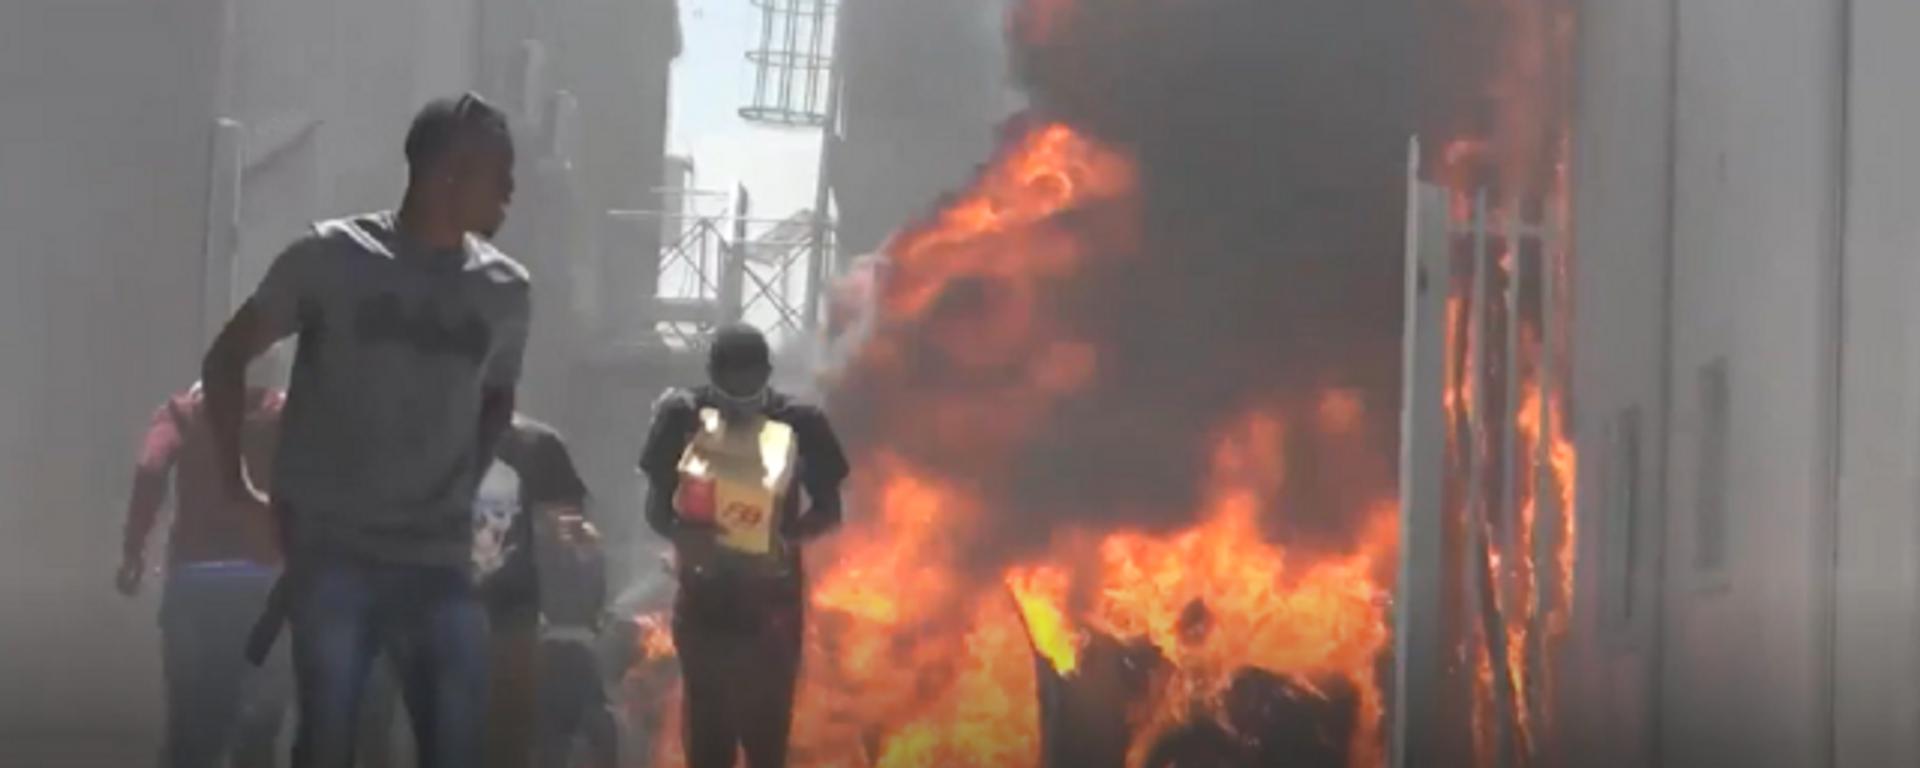 Disparos, gritos y autos quemados: el caos se apodera de la capital de Haití  - Sputnik Mundo, 1920, 18.03.2021